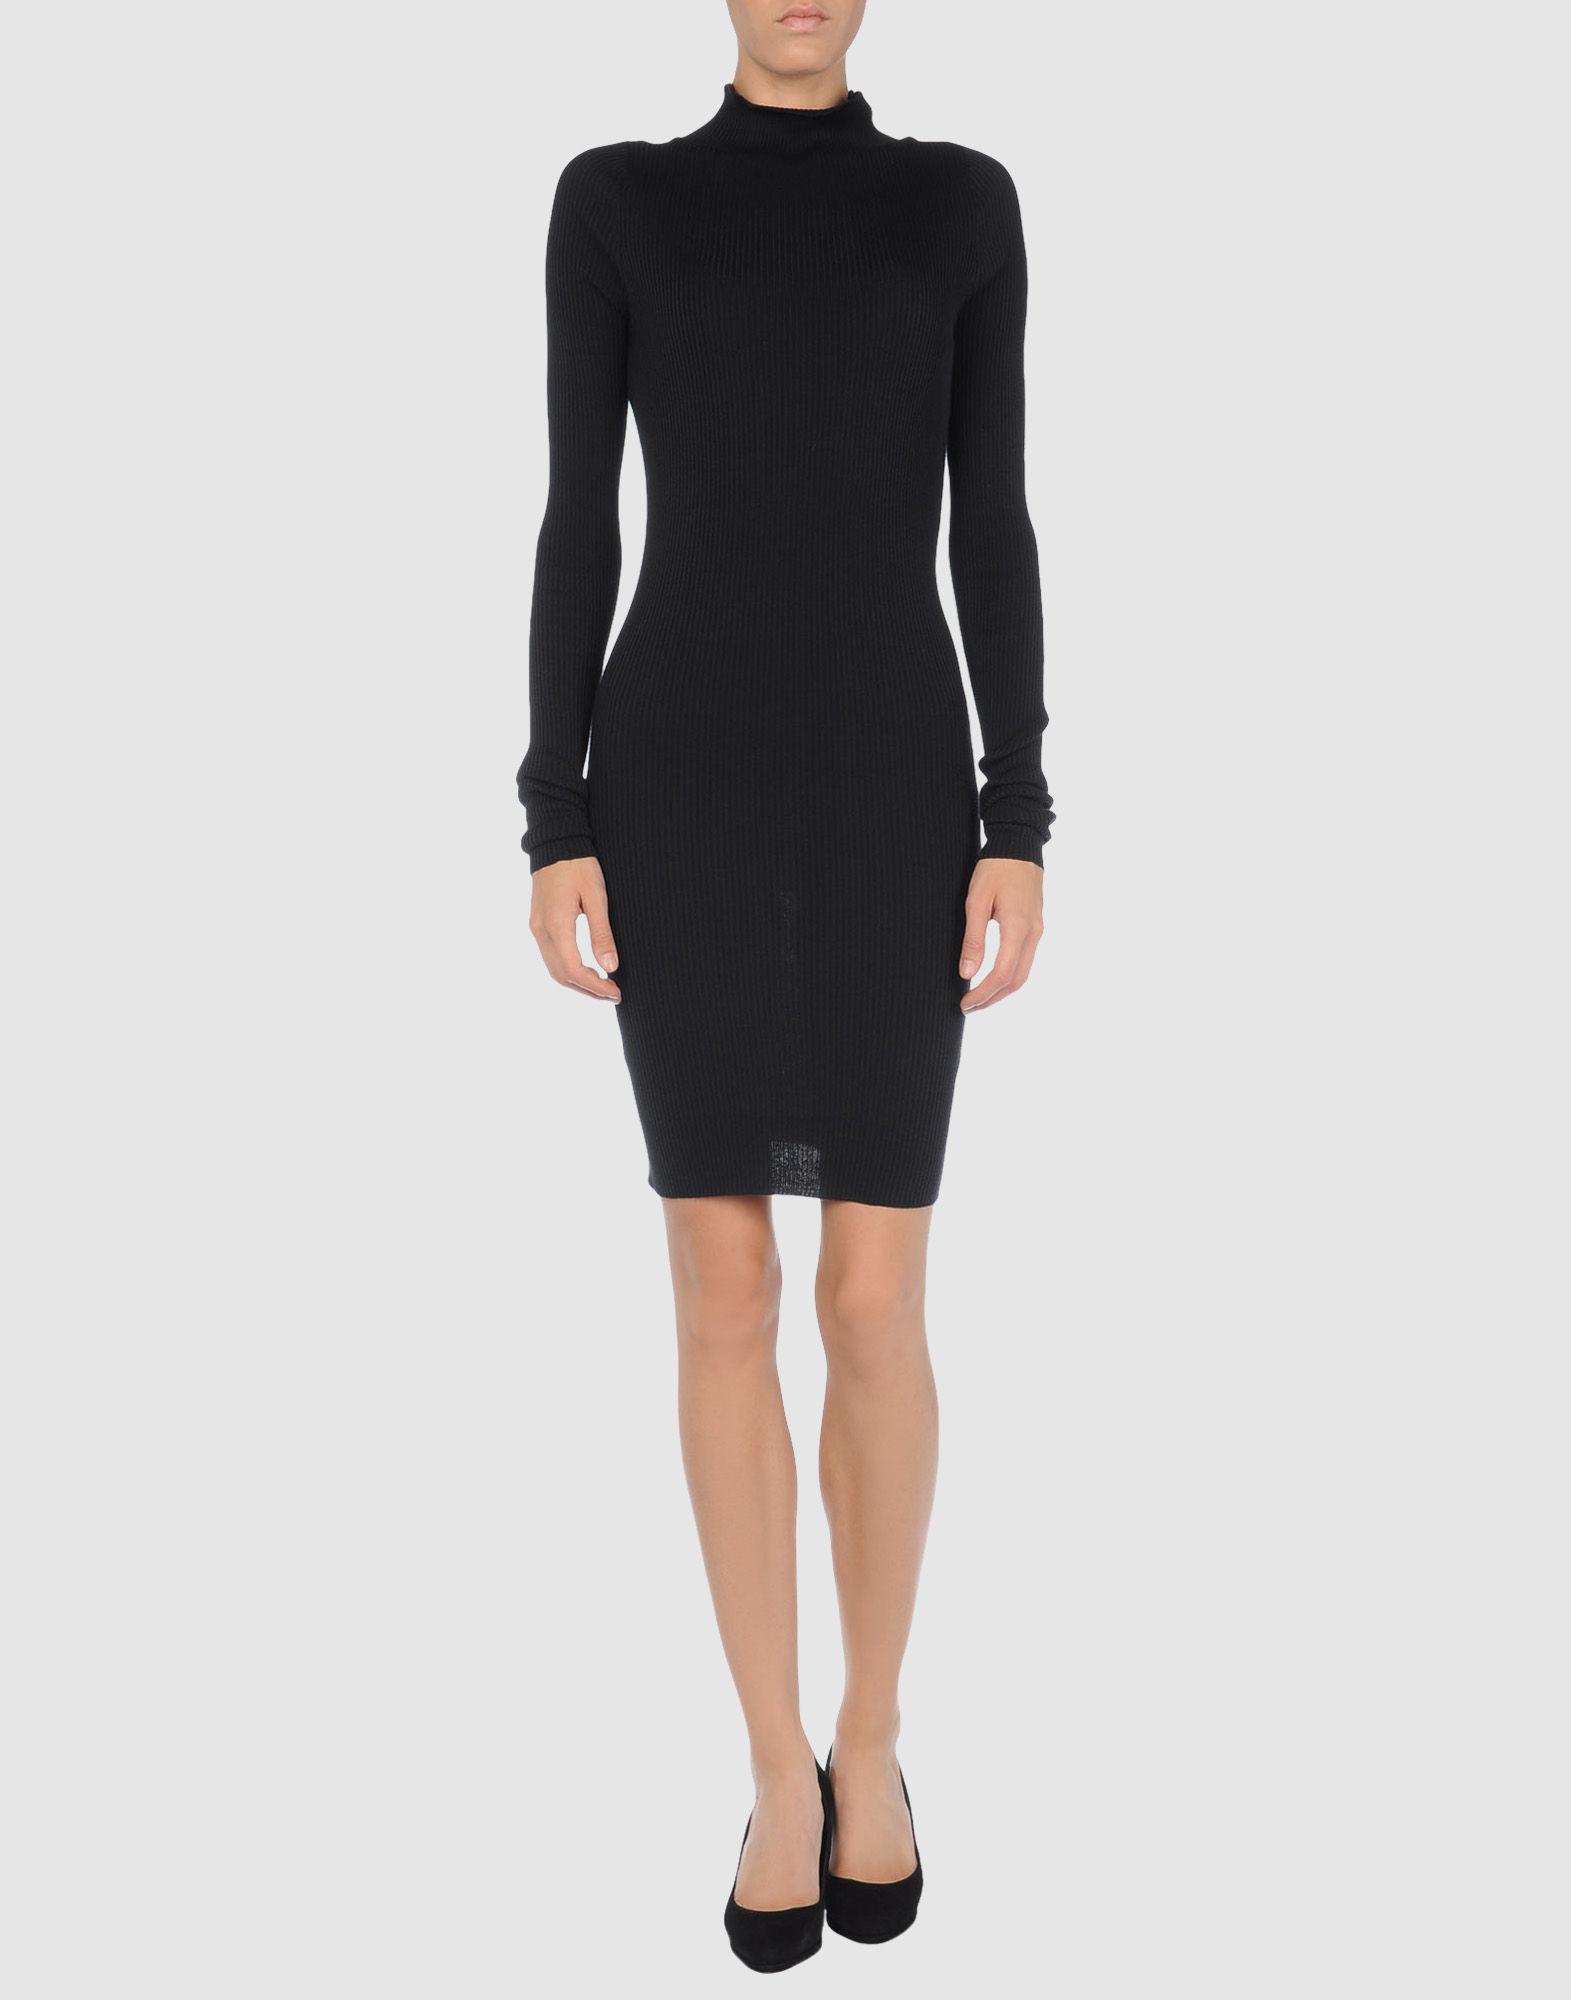 34222449AQ 14 f - Βραδυνα Φορεματα Yves Saint Laurent Rive Gauche Κωδ.24